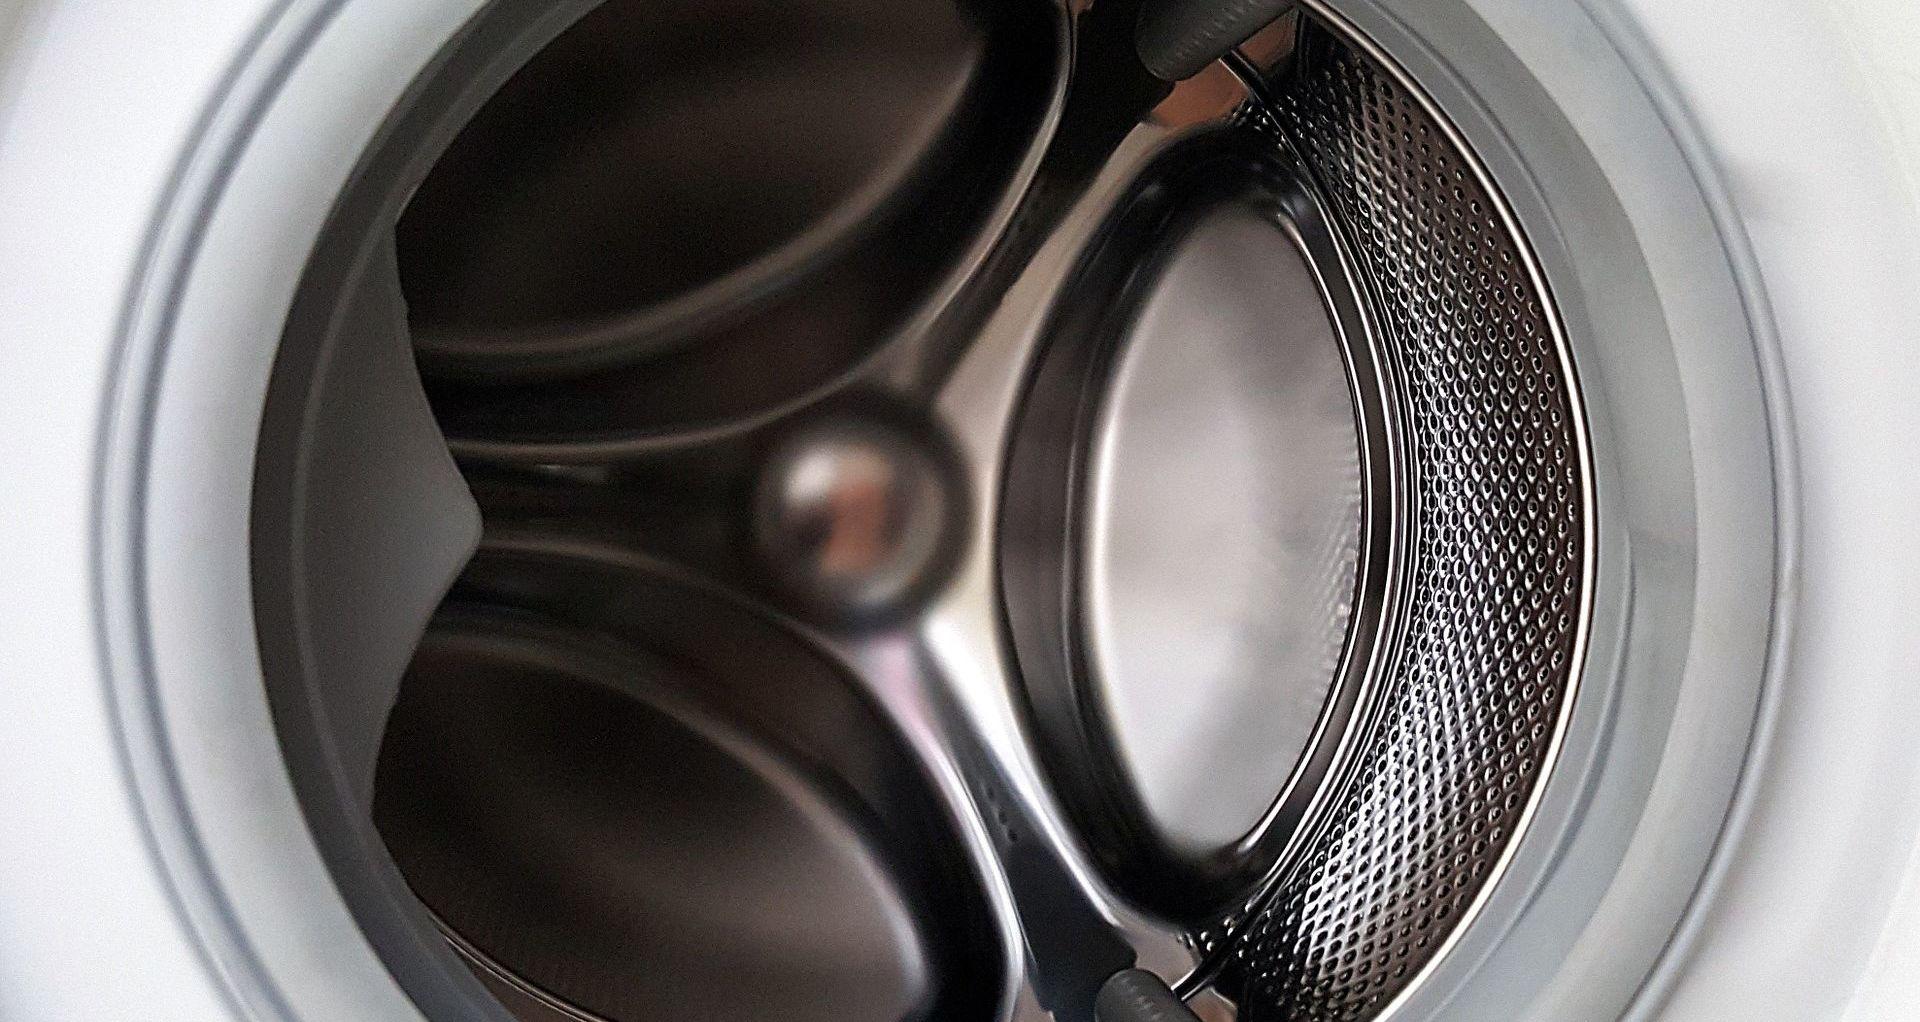 ¿Tu lavadora desagua pero no centrifuga? ¡Tenemos la solución!